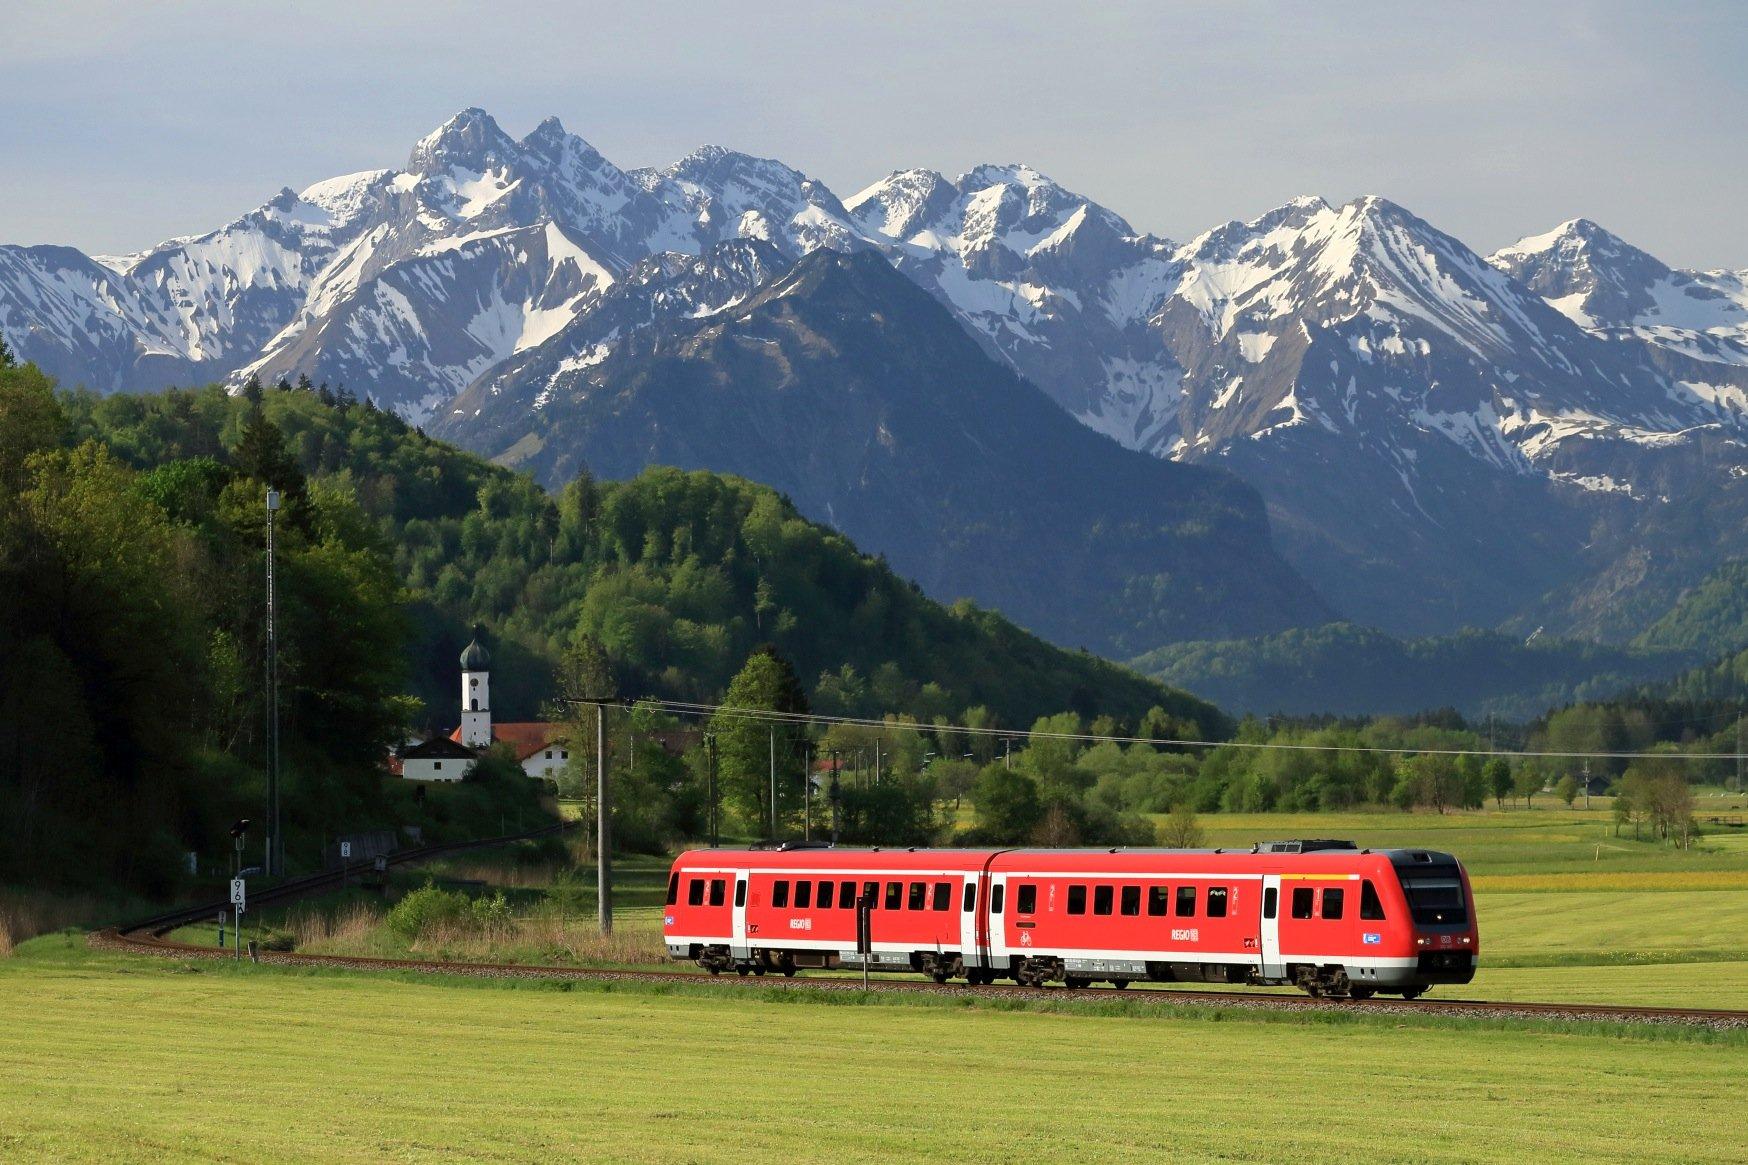 Bahnstrecken ohne Mischverkehr wie die eingleisige Regionalstrecke zwischen Oberstdorf und Ulm eignen sich am ehesten, um auch auf der Schiene das autonome Fahren einzuführen.